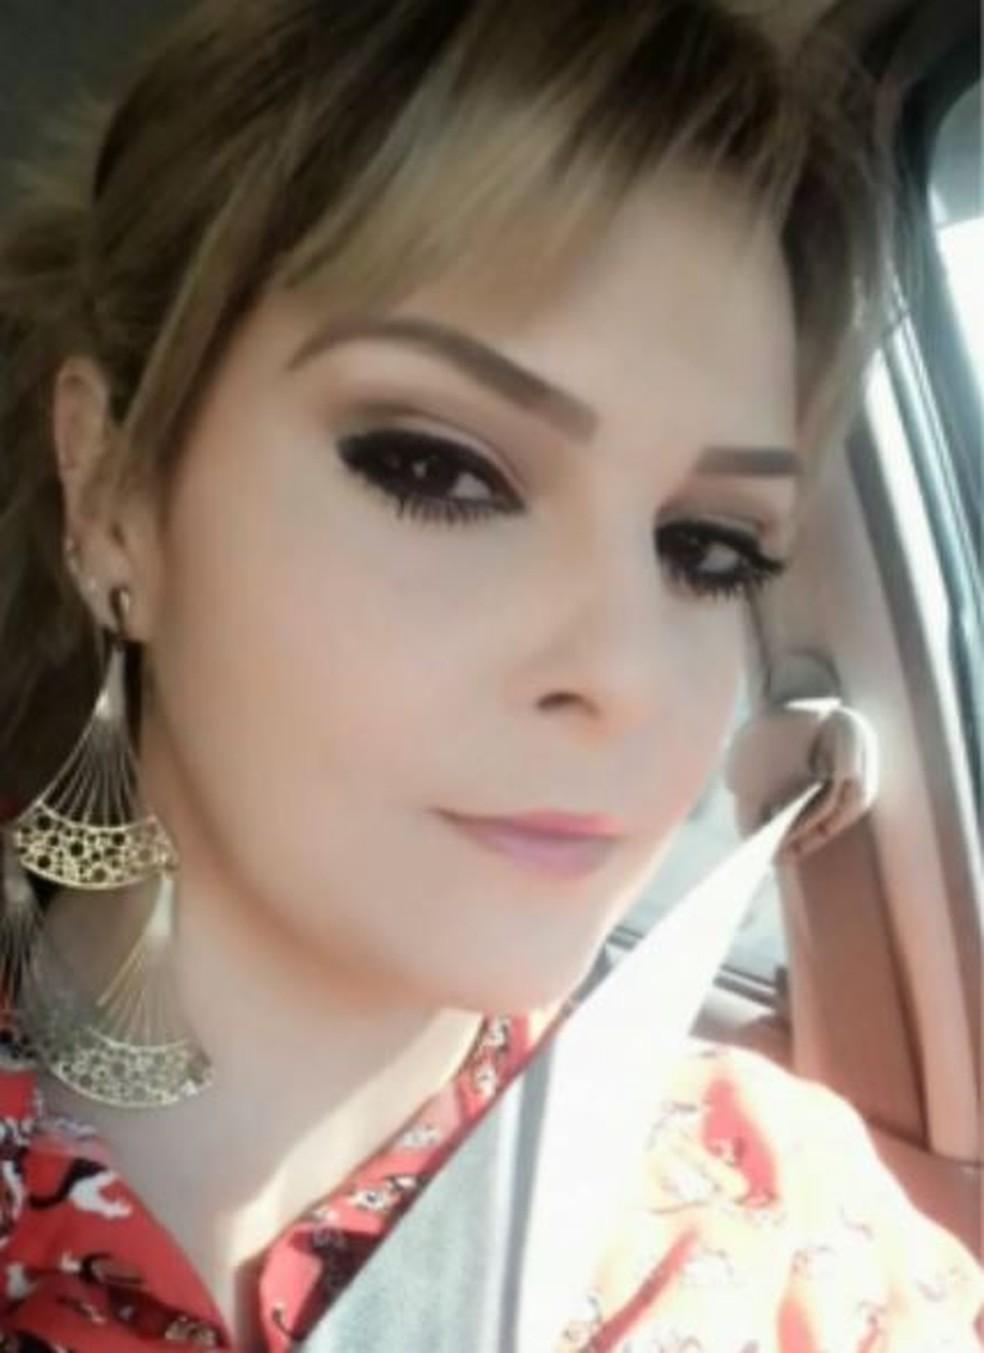 Polícia concluiu que maquiadora foi morta pelo noivo — Foto: Reprodução EPTV